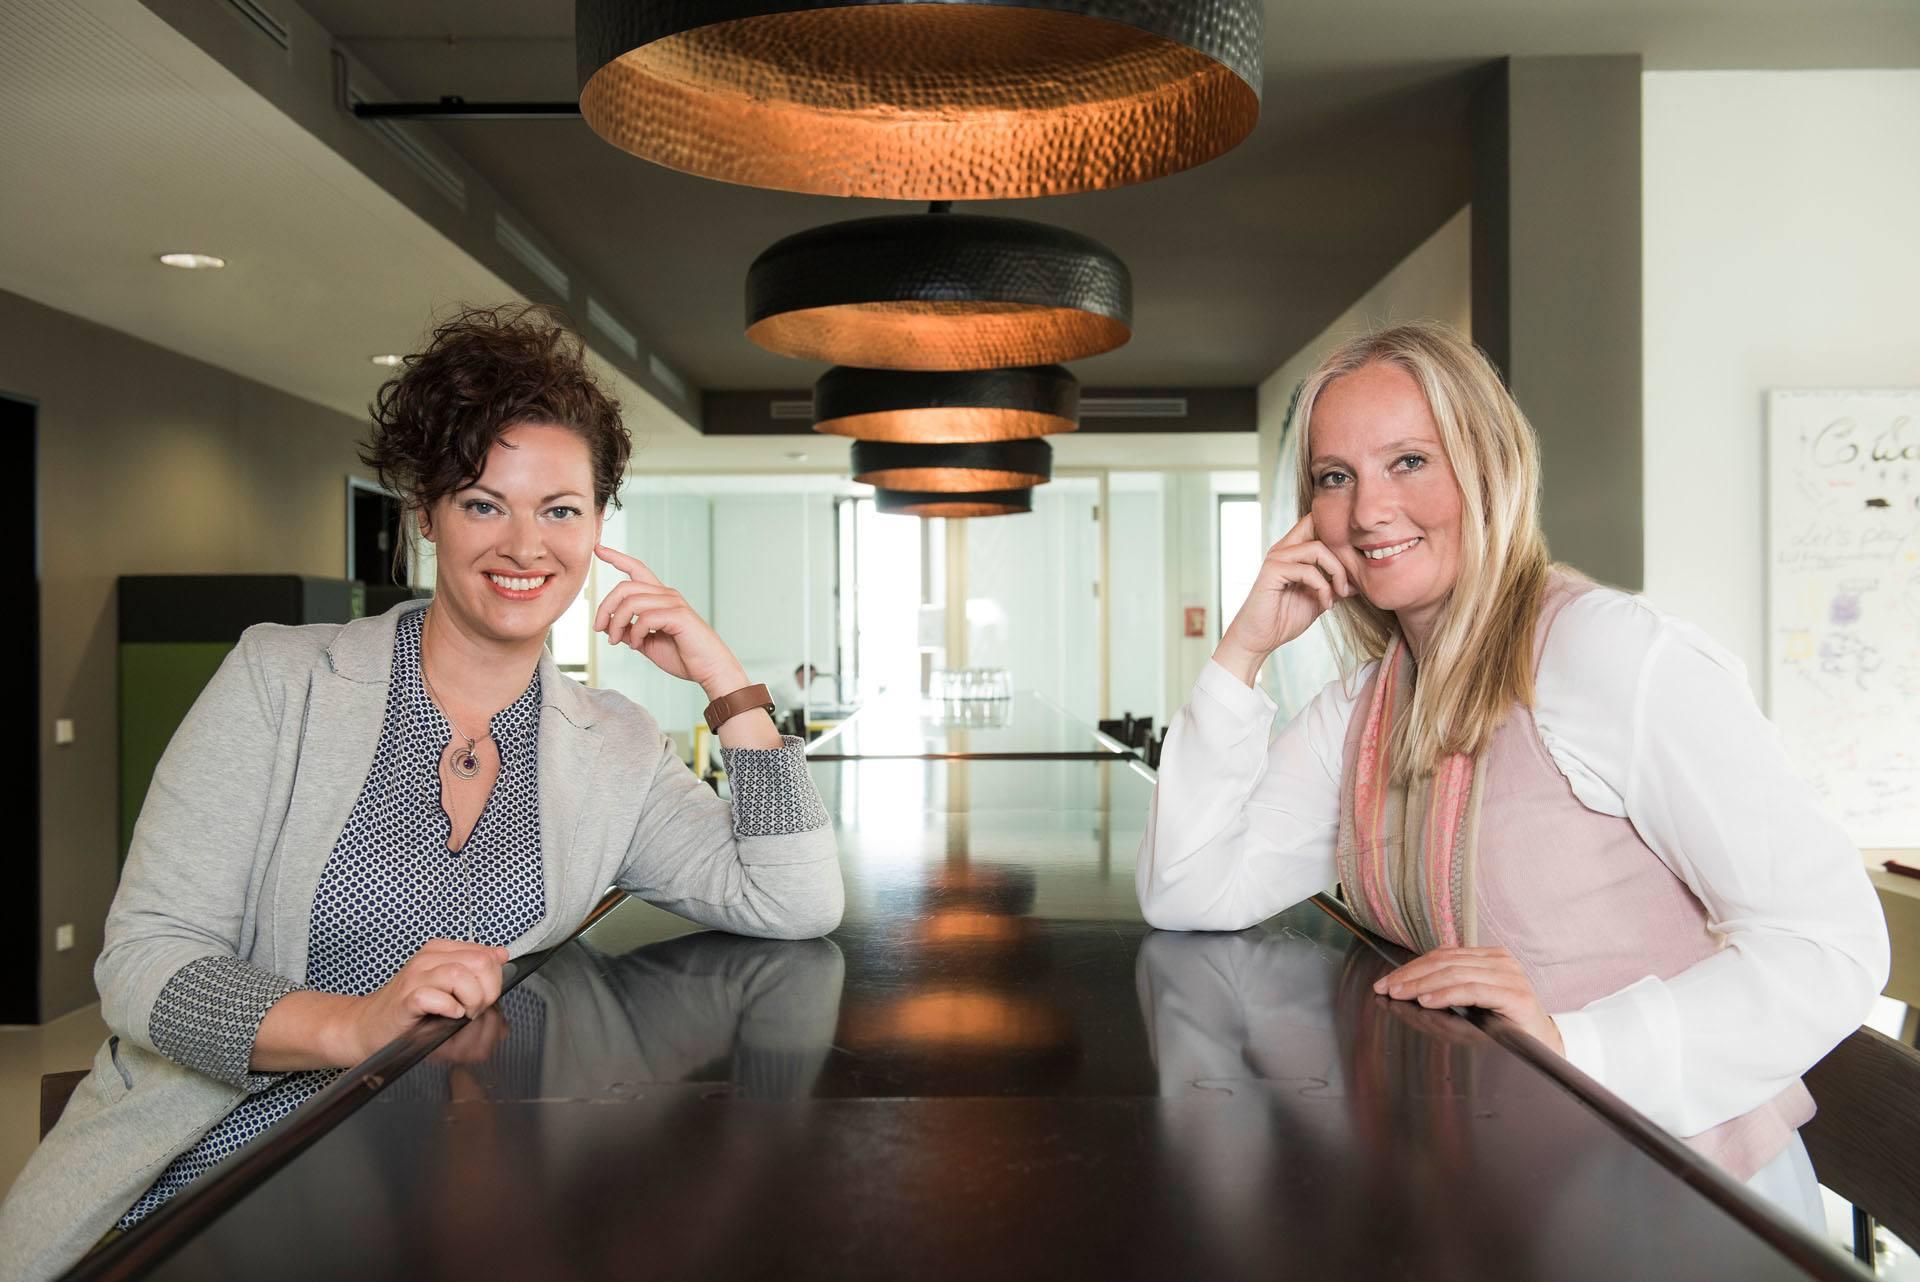 zwei weibliche Coaches und Trainerinnen sitzen an einem Tisch eines modernen Coworking-Spaces und lächeln in die Kamera